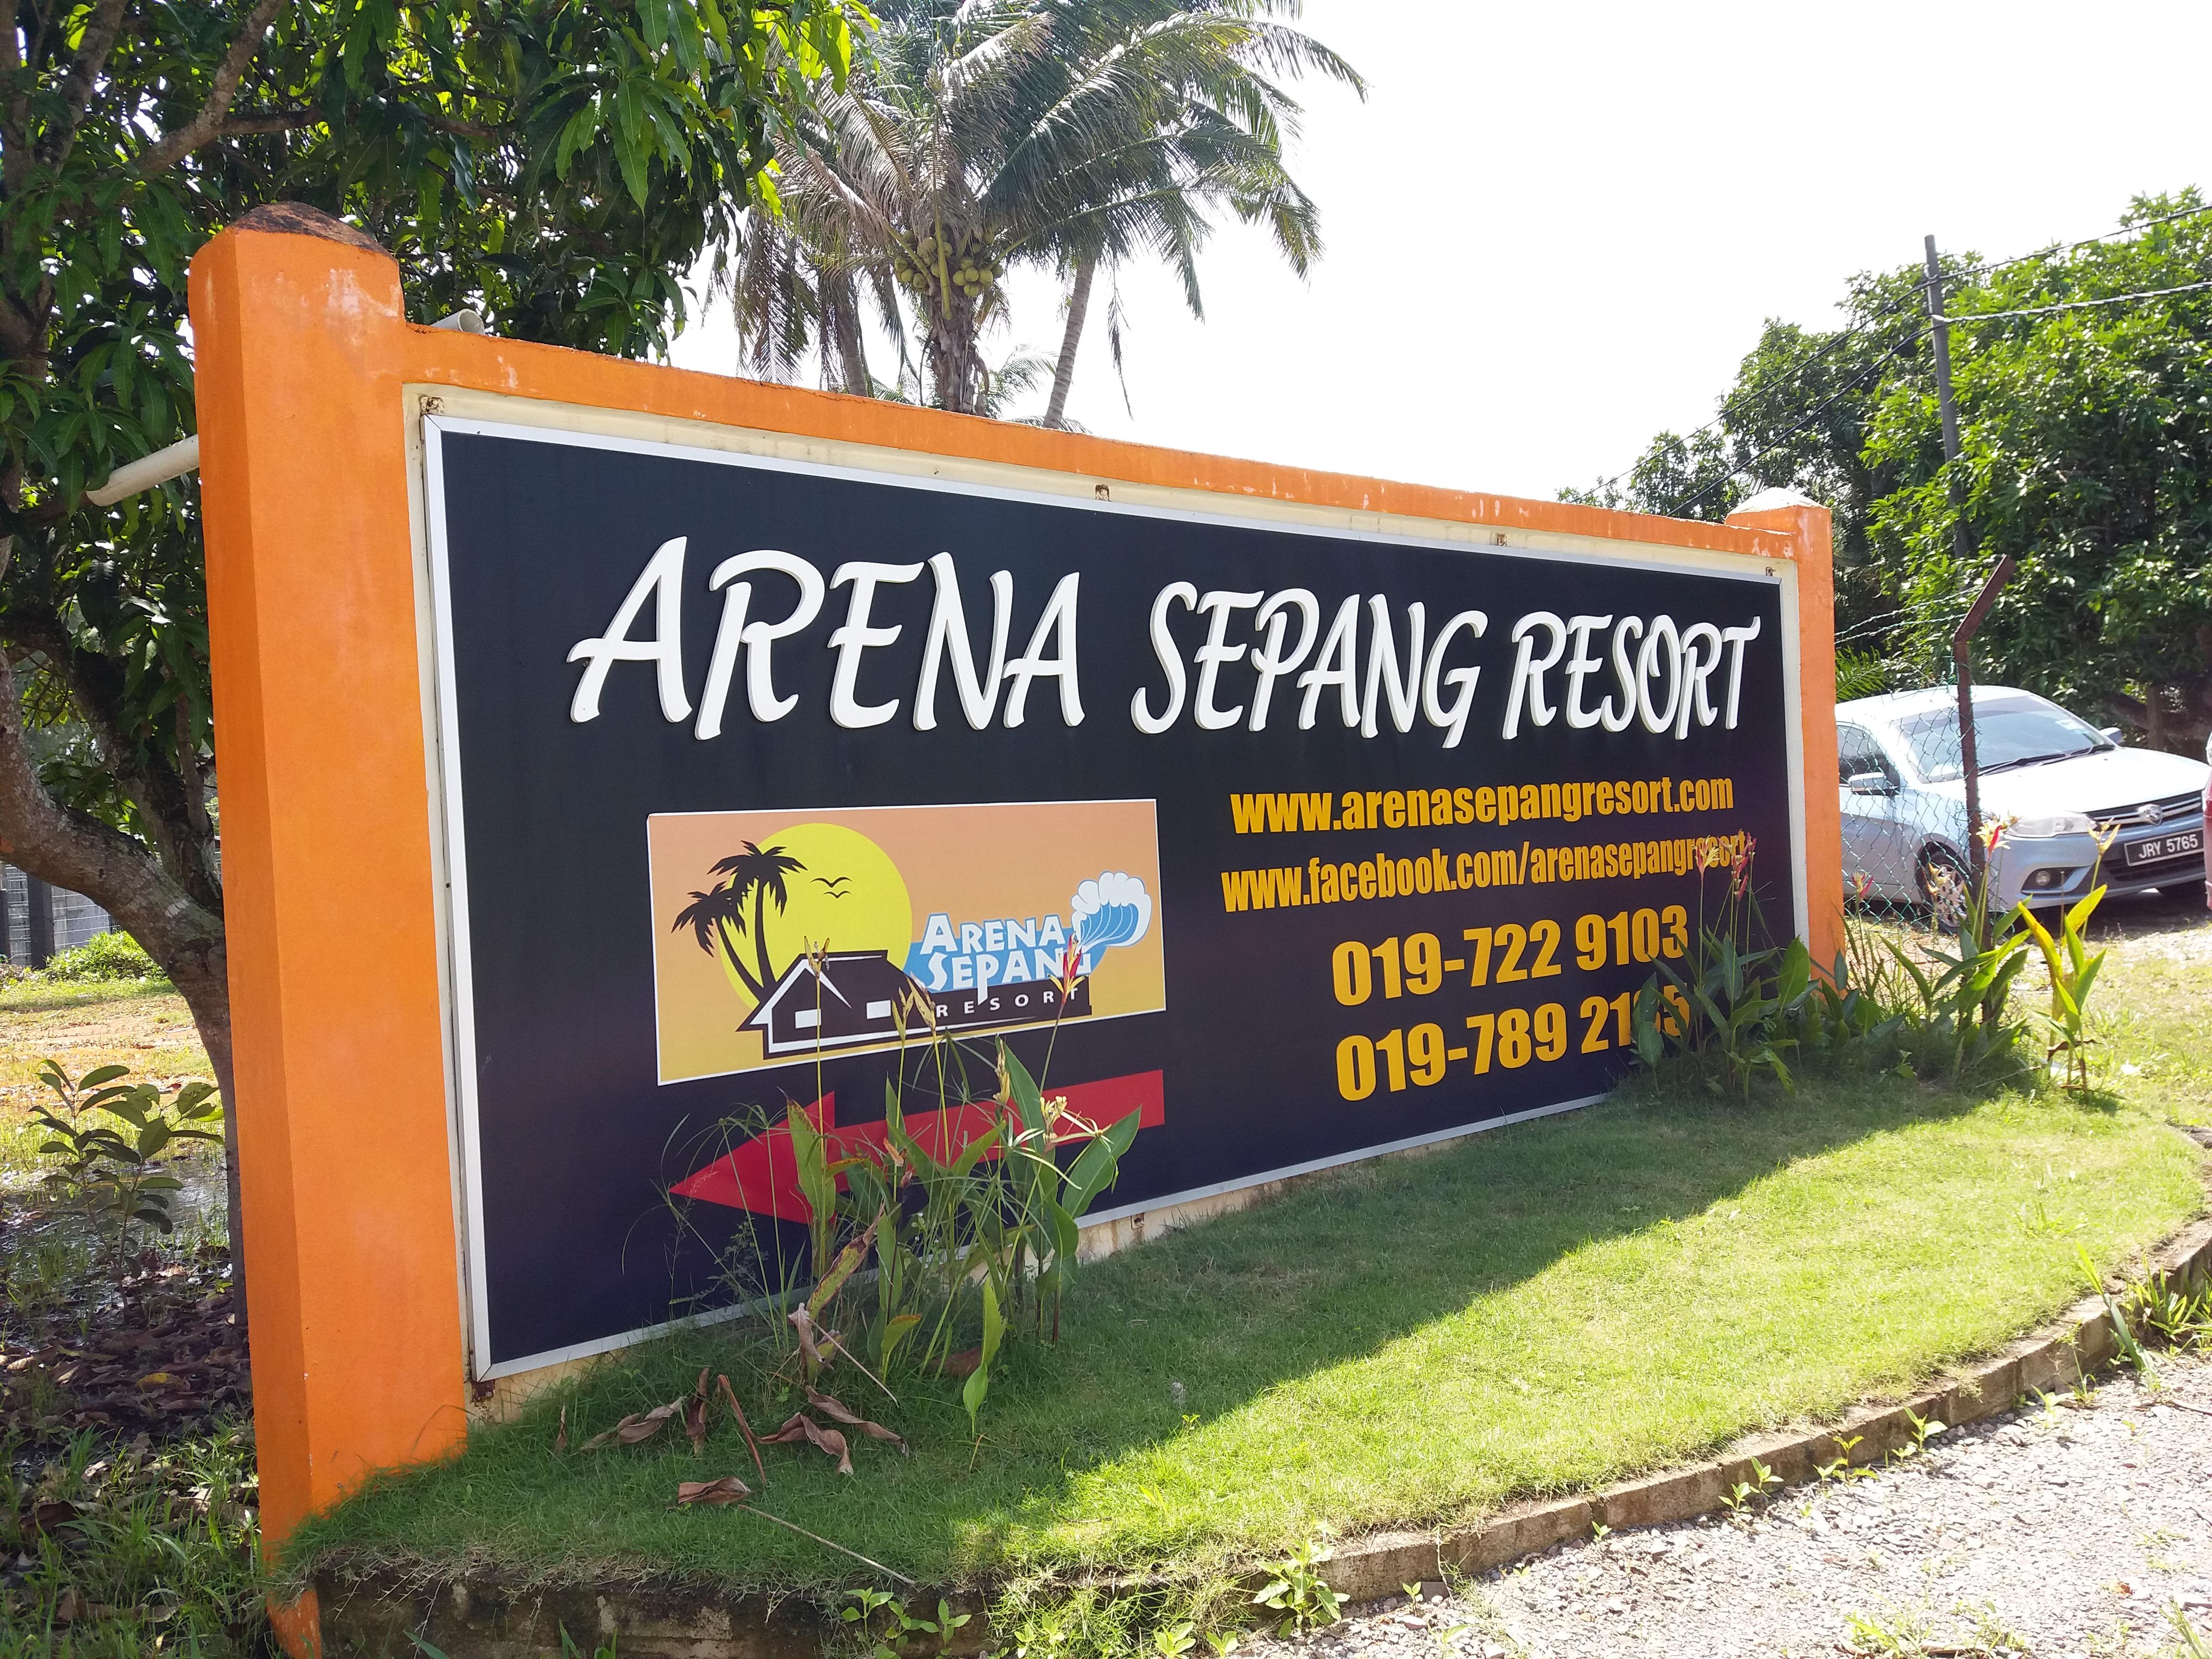 Berhujung Minggu Di Arena Sepang Resort Kota Tinggi